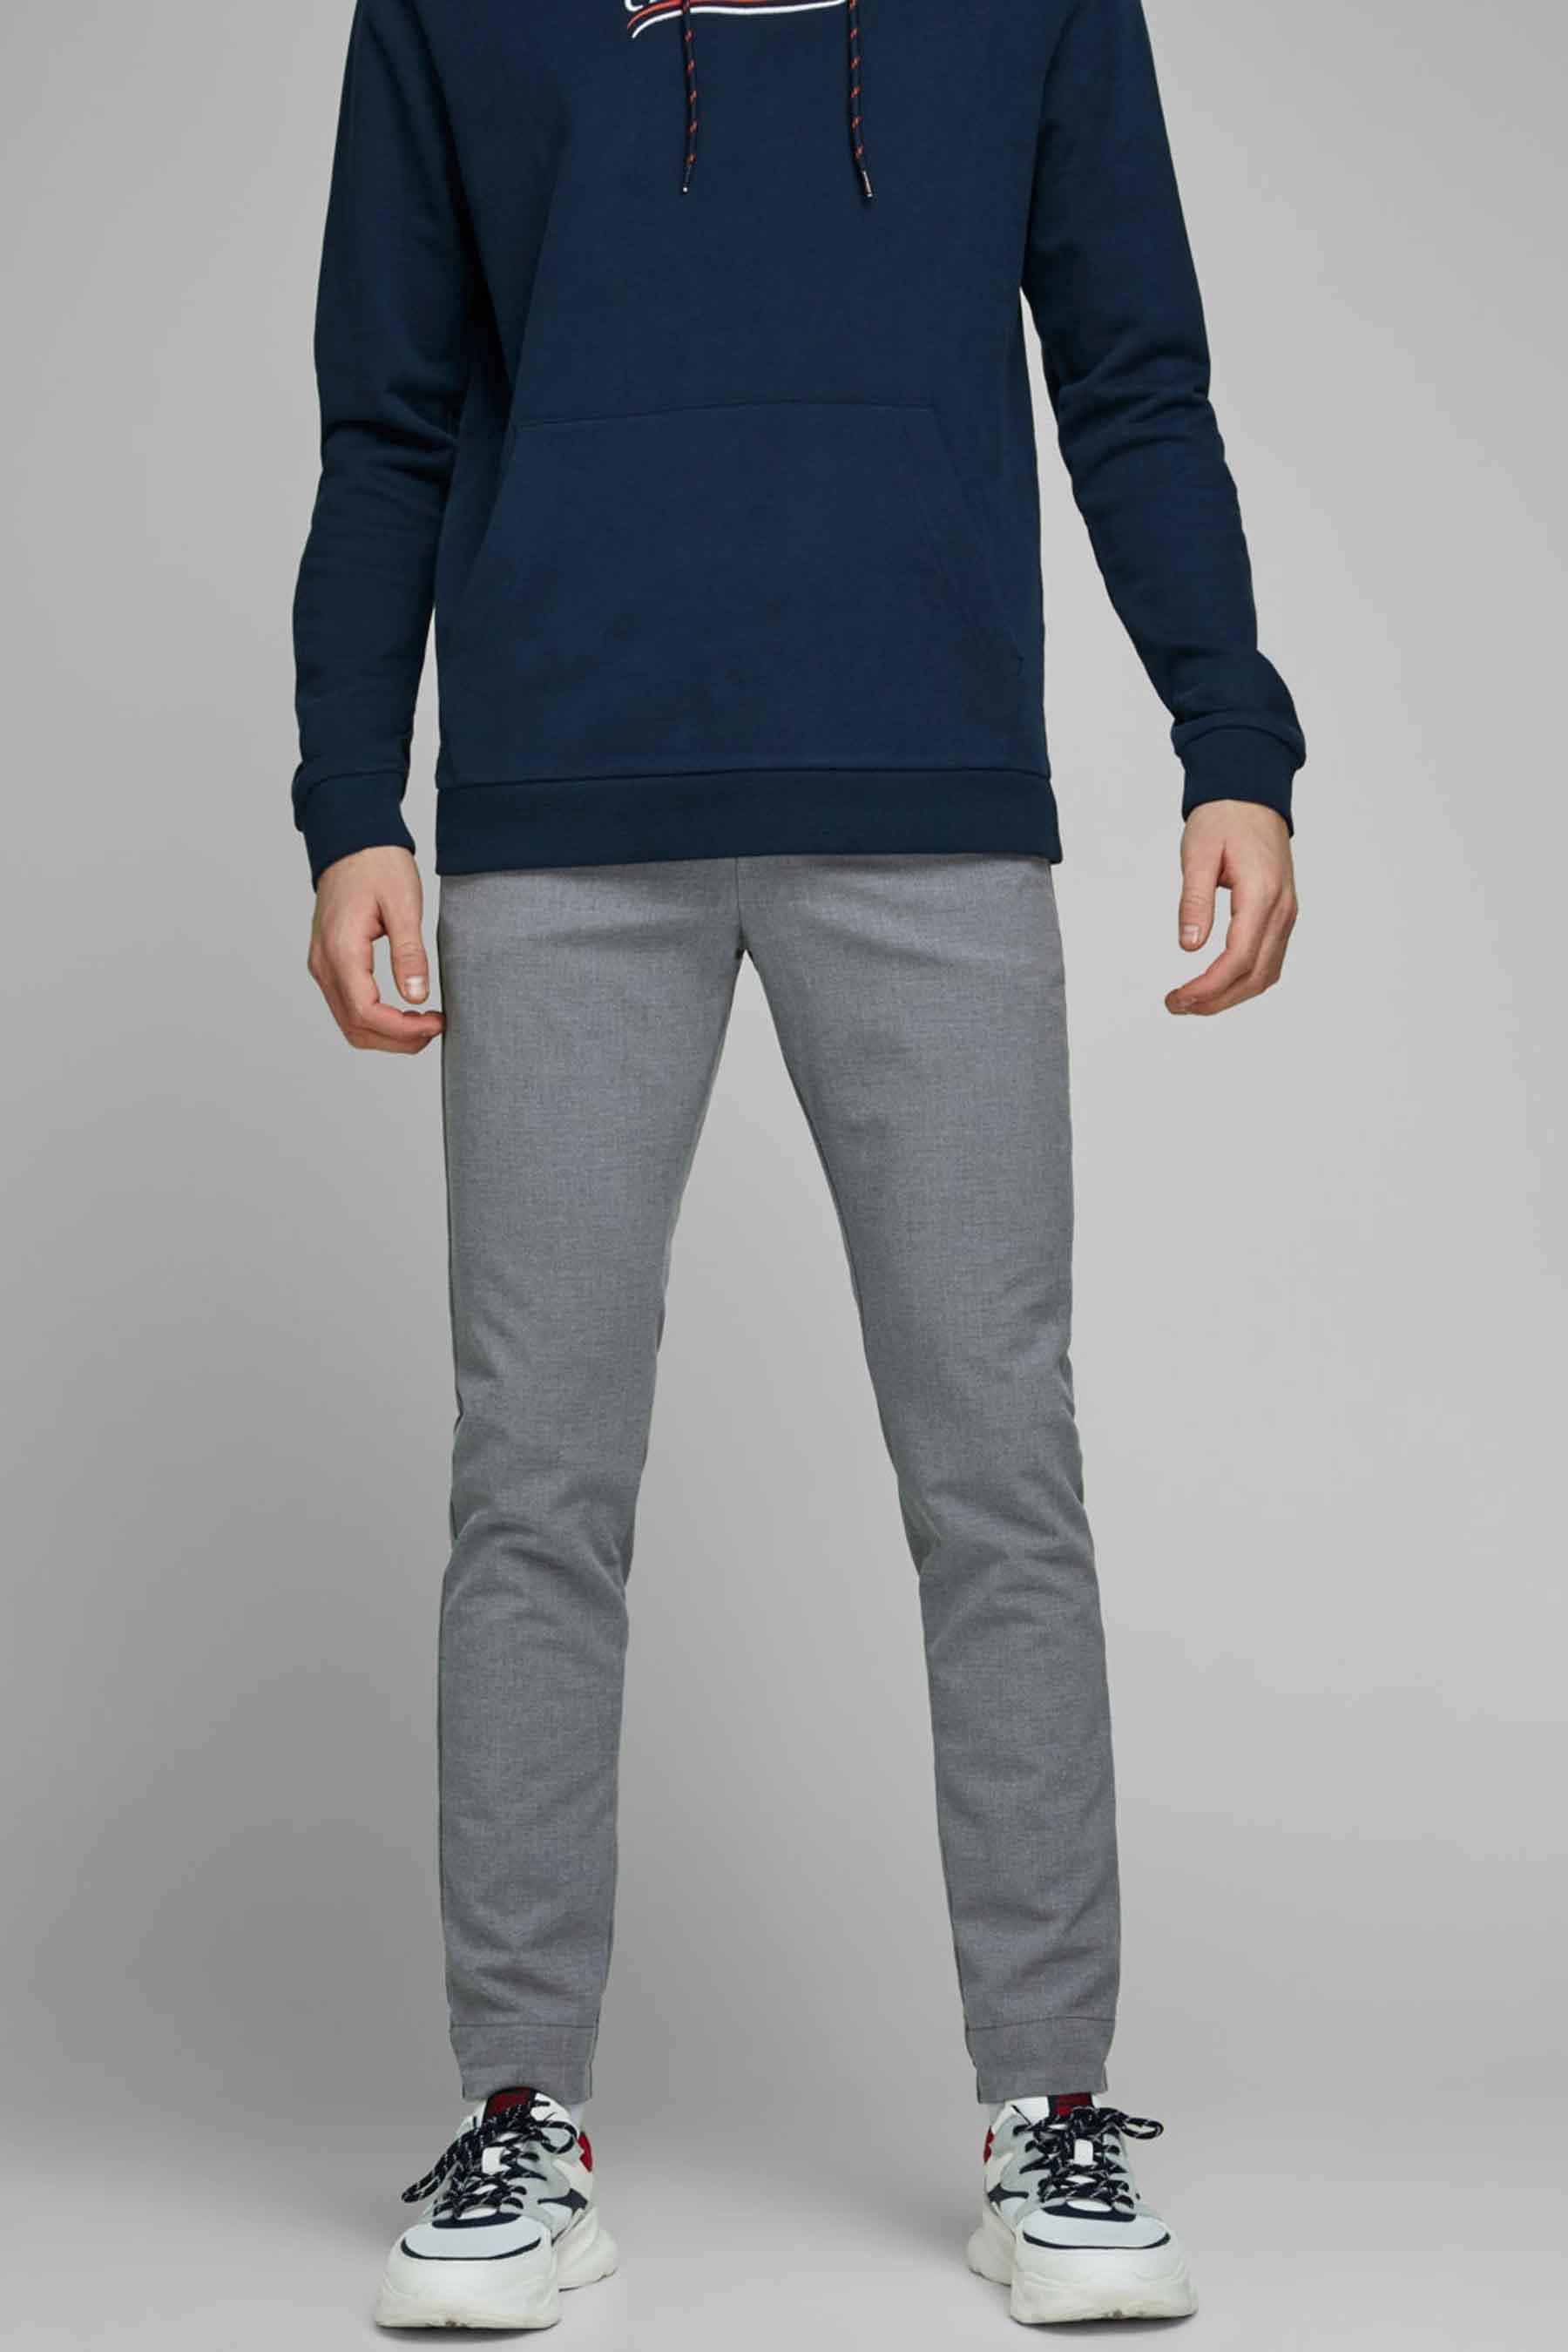 Jack & Jones Jeans Intelligenc Colorbroek, Grijs, Heren, Maat: 36x32/36x34